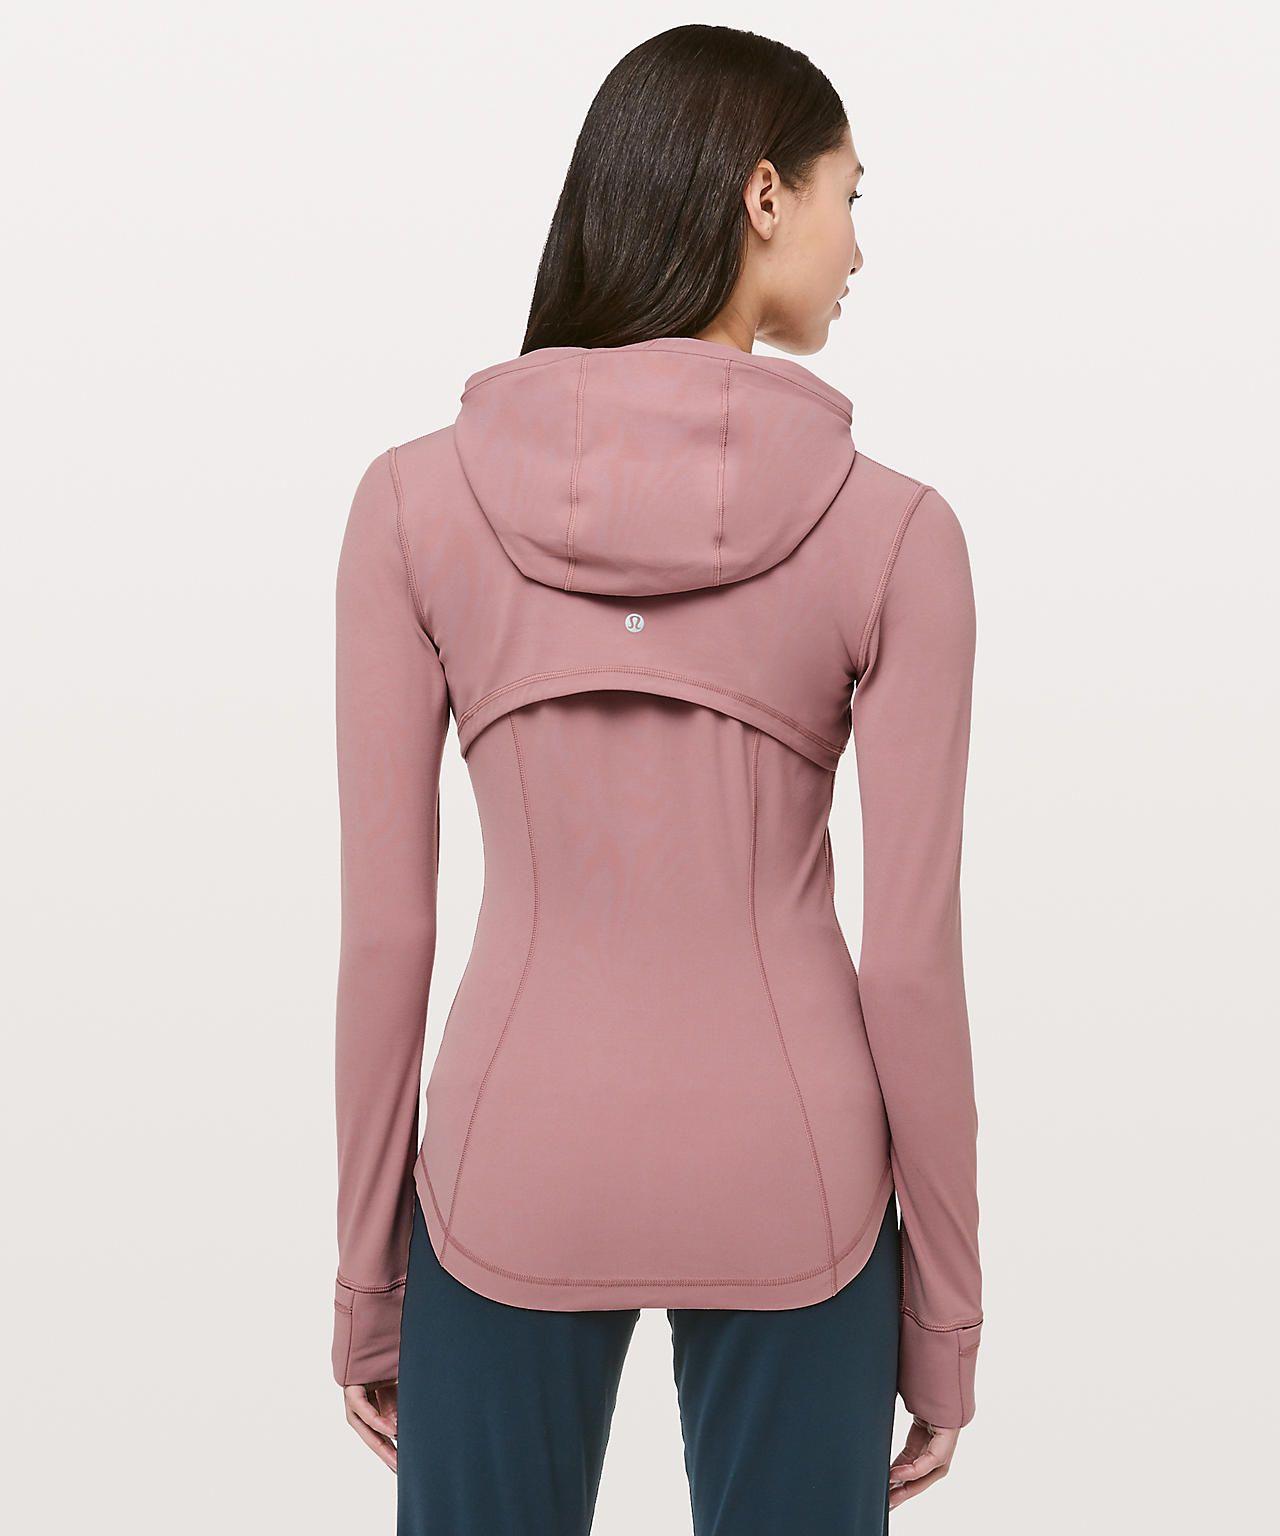 Hooded Define Jacket Nulu Women S Jackets Outerwear Lululemon Lululemon Outfits Outerwear Jackets Hooded Outerwear [ 1536 x 1280 Pixel ]